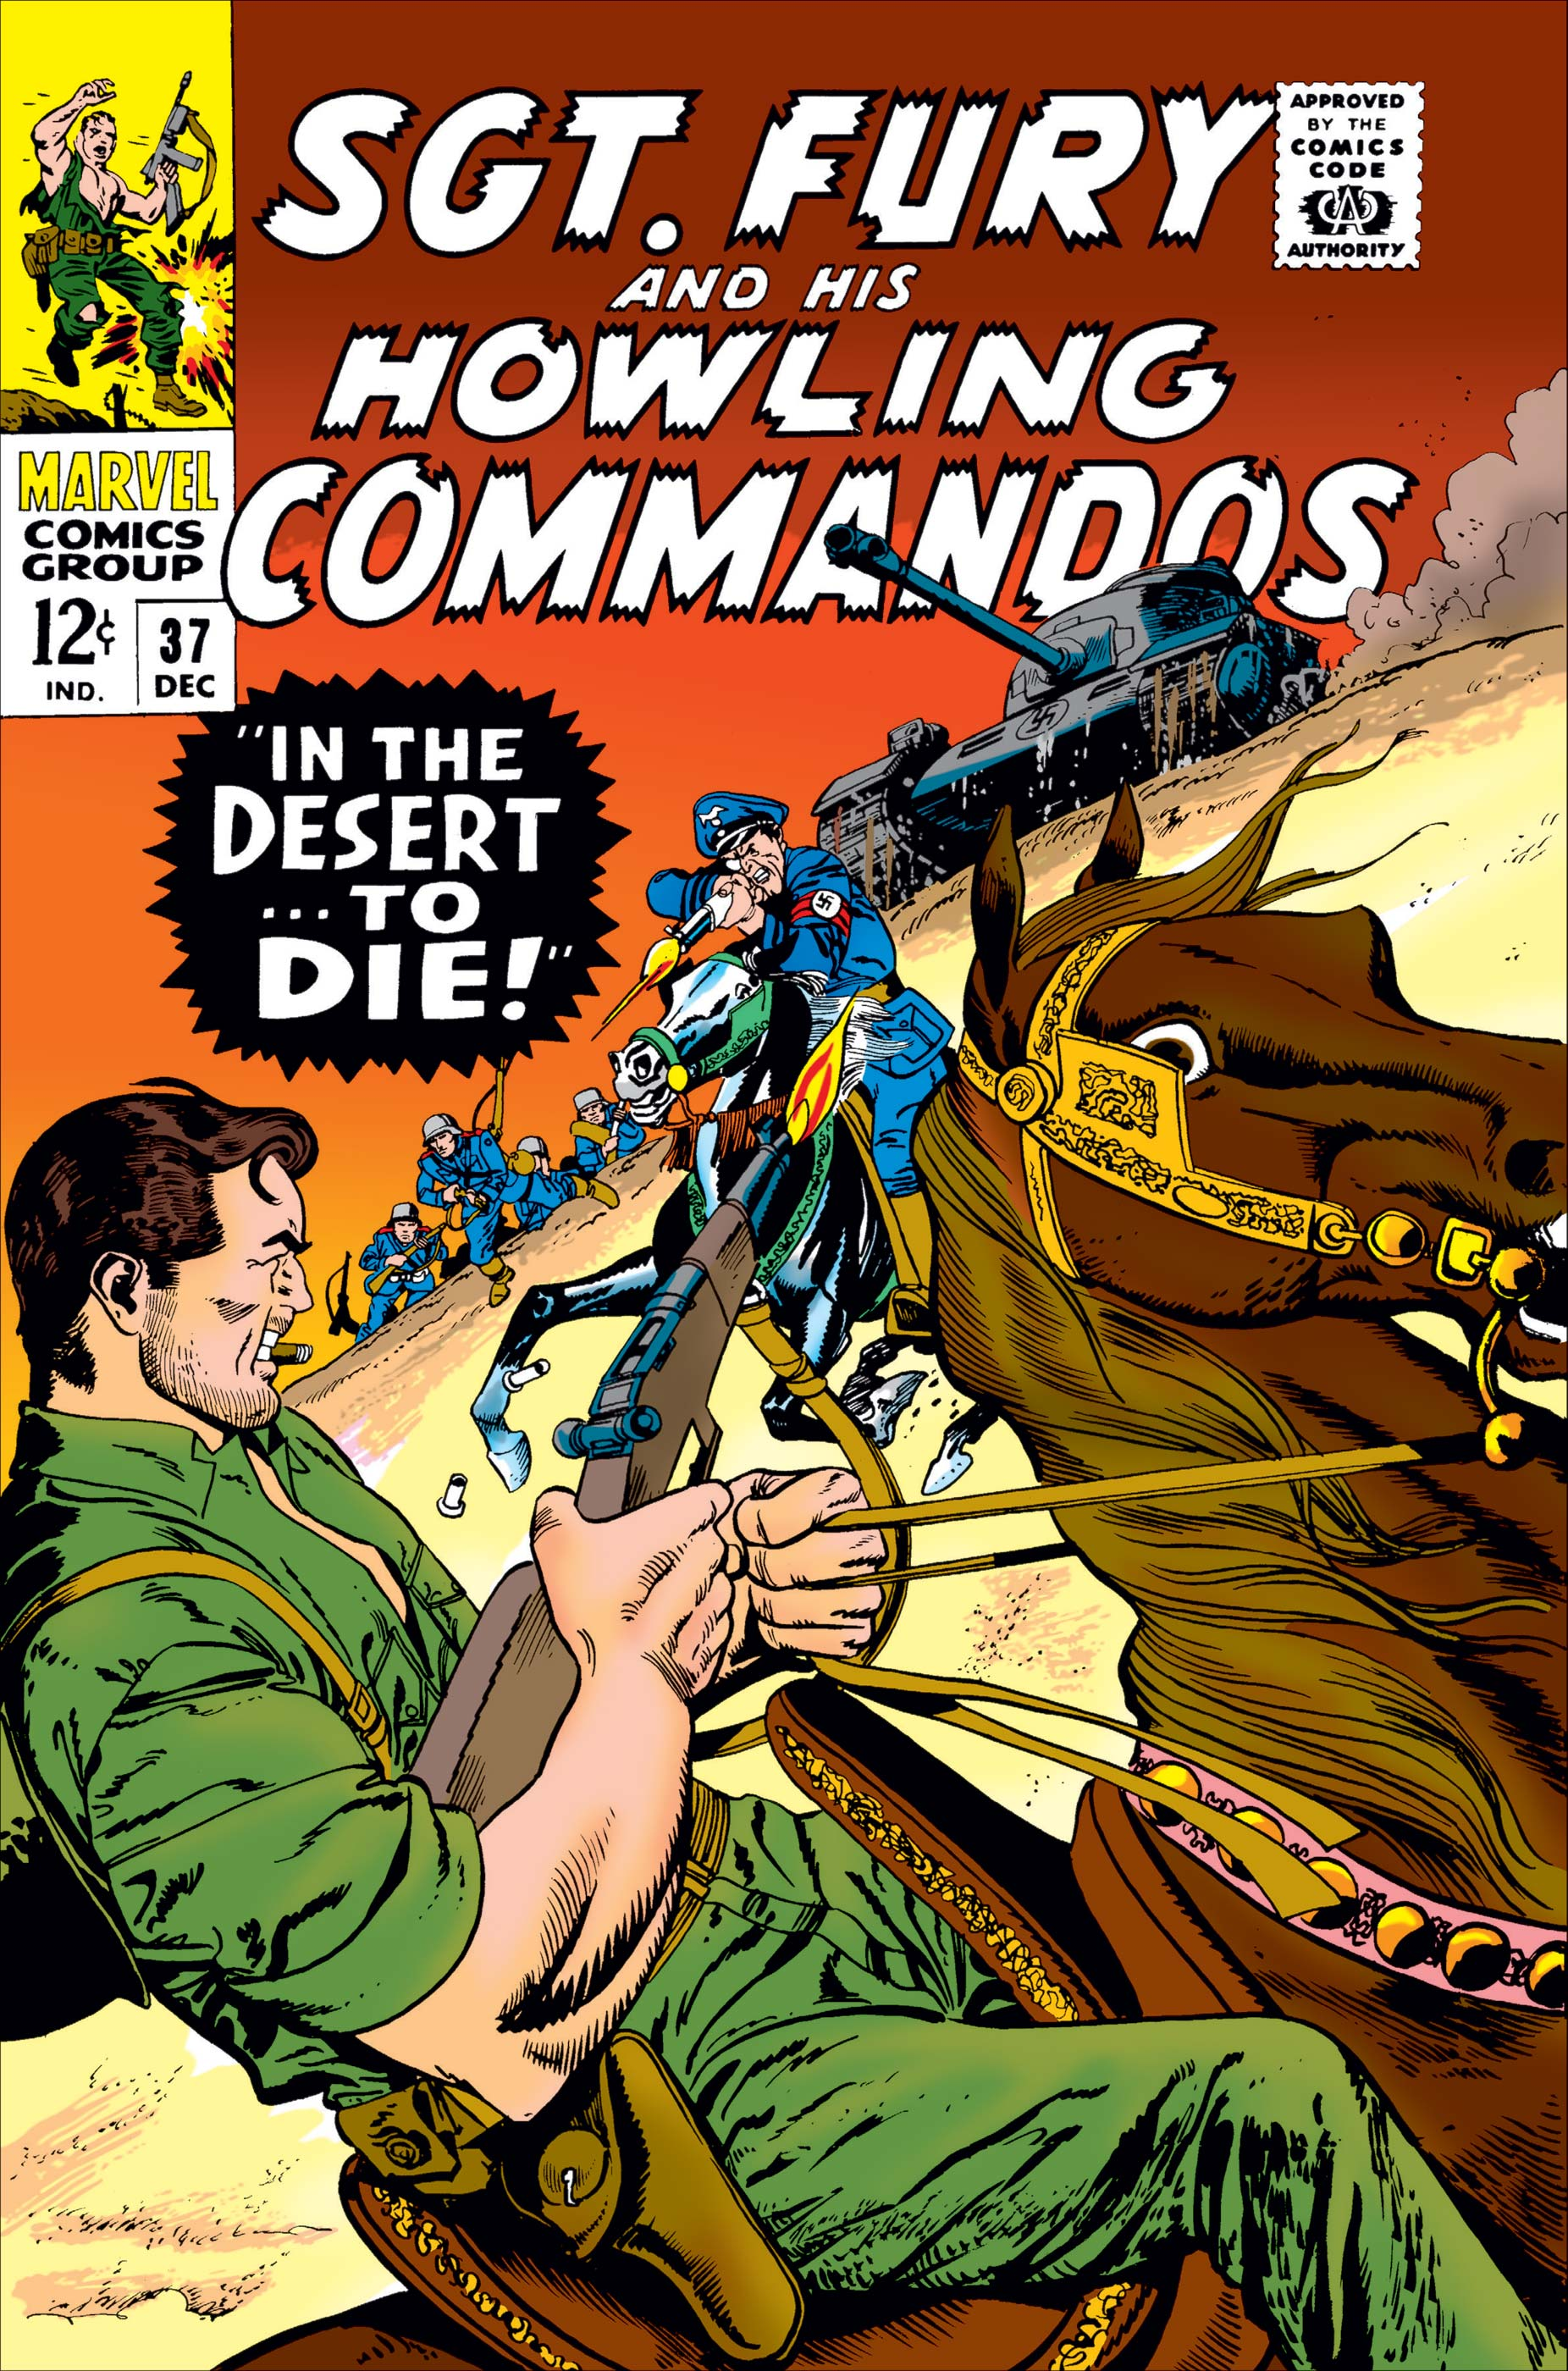 Sgt. Fury (1963) #37